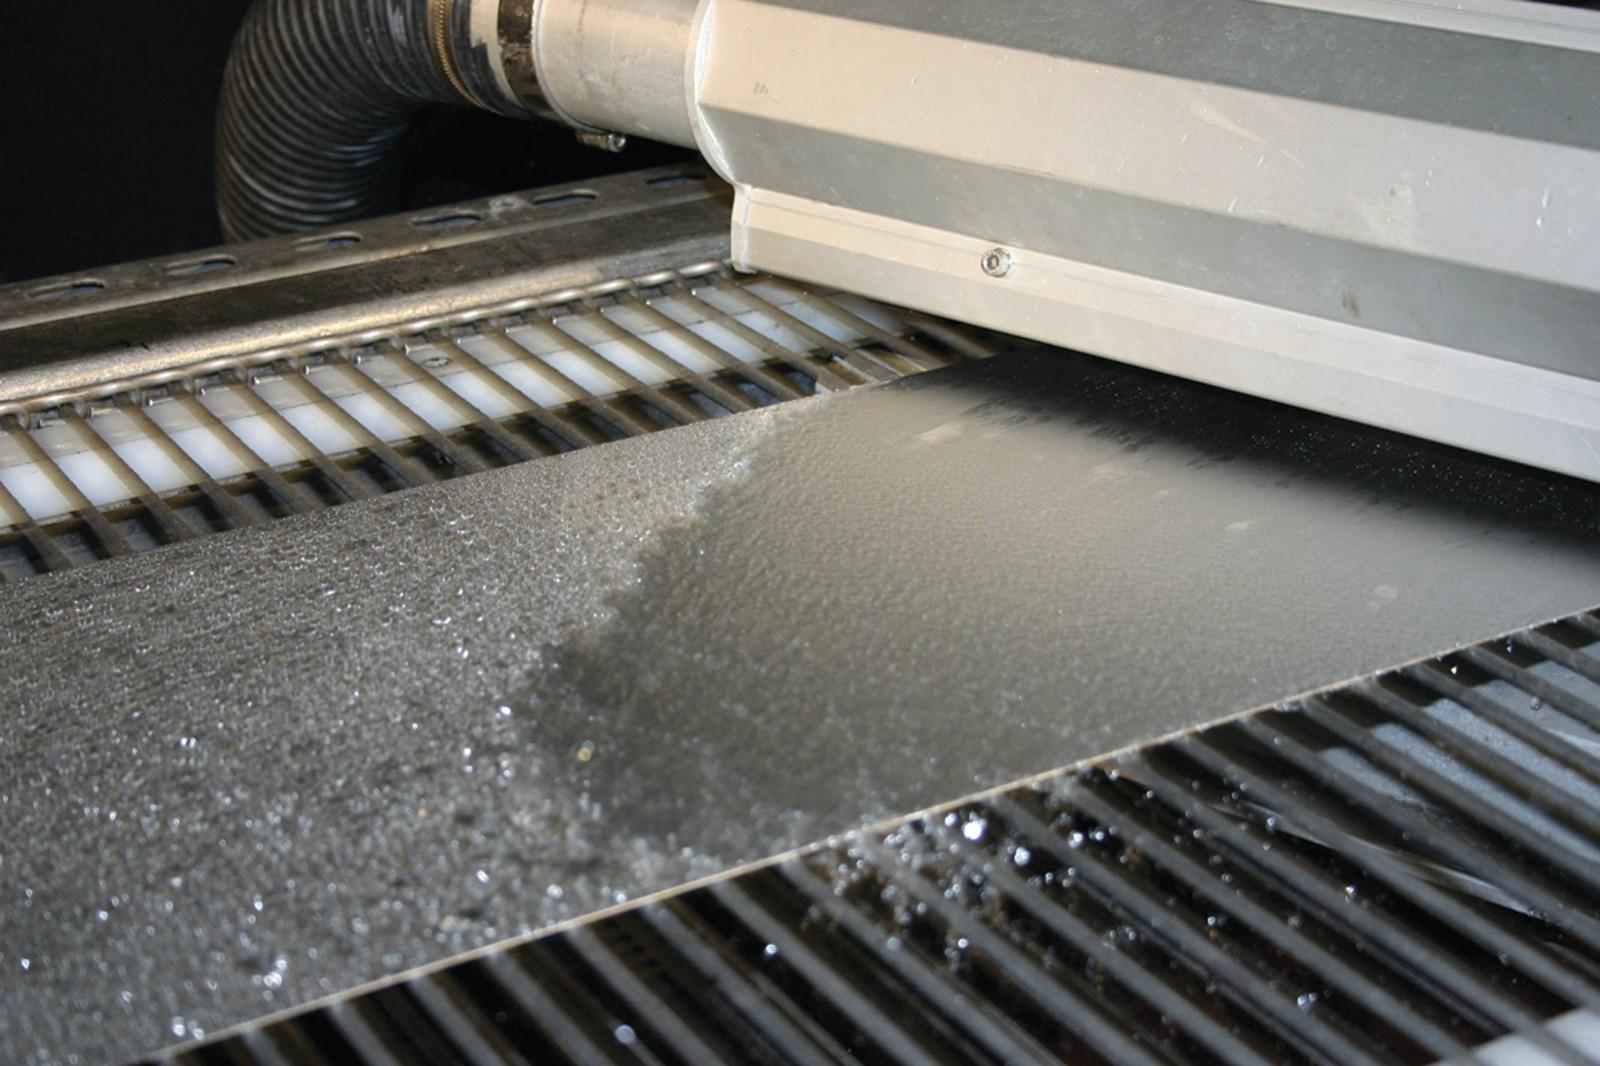 Luftklingen werden zum effizienten Reinigen, Trocknen oder Kühlen eingesetzt.